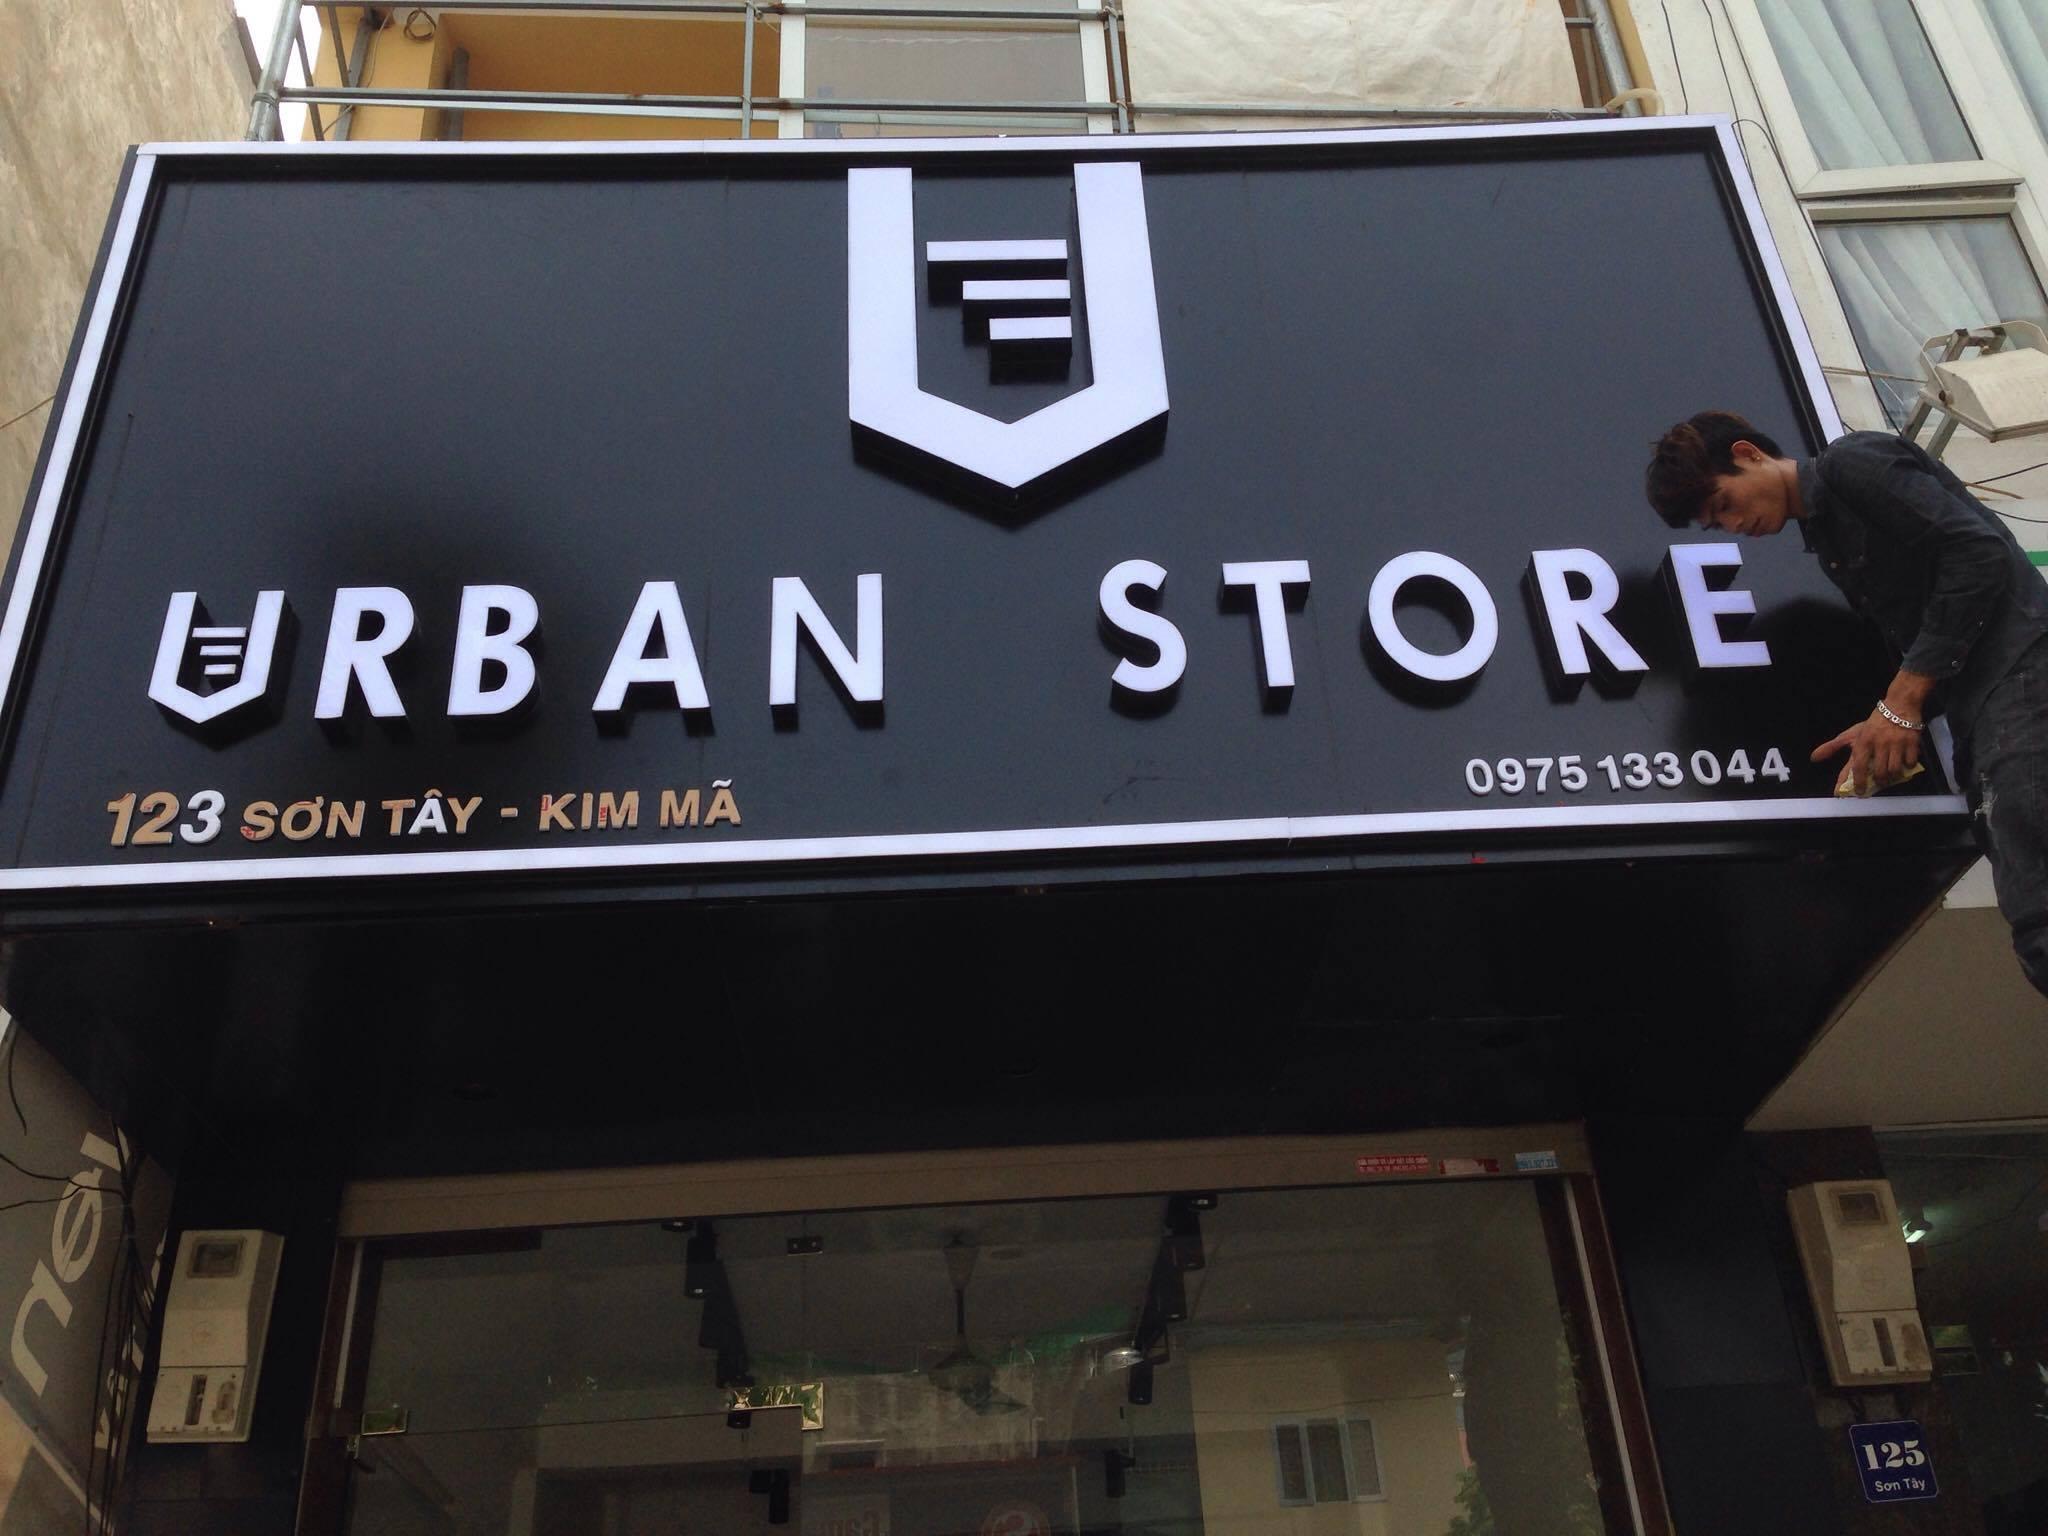 Biển quảng cáo shop thời trang Urban Store